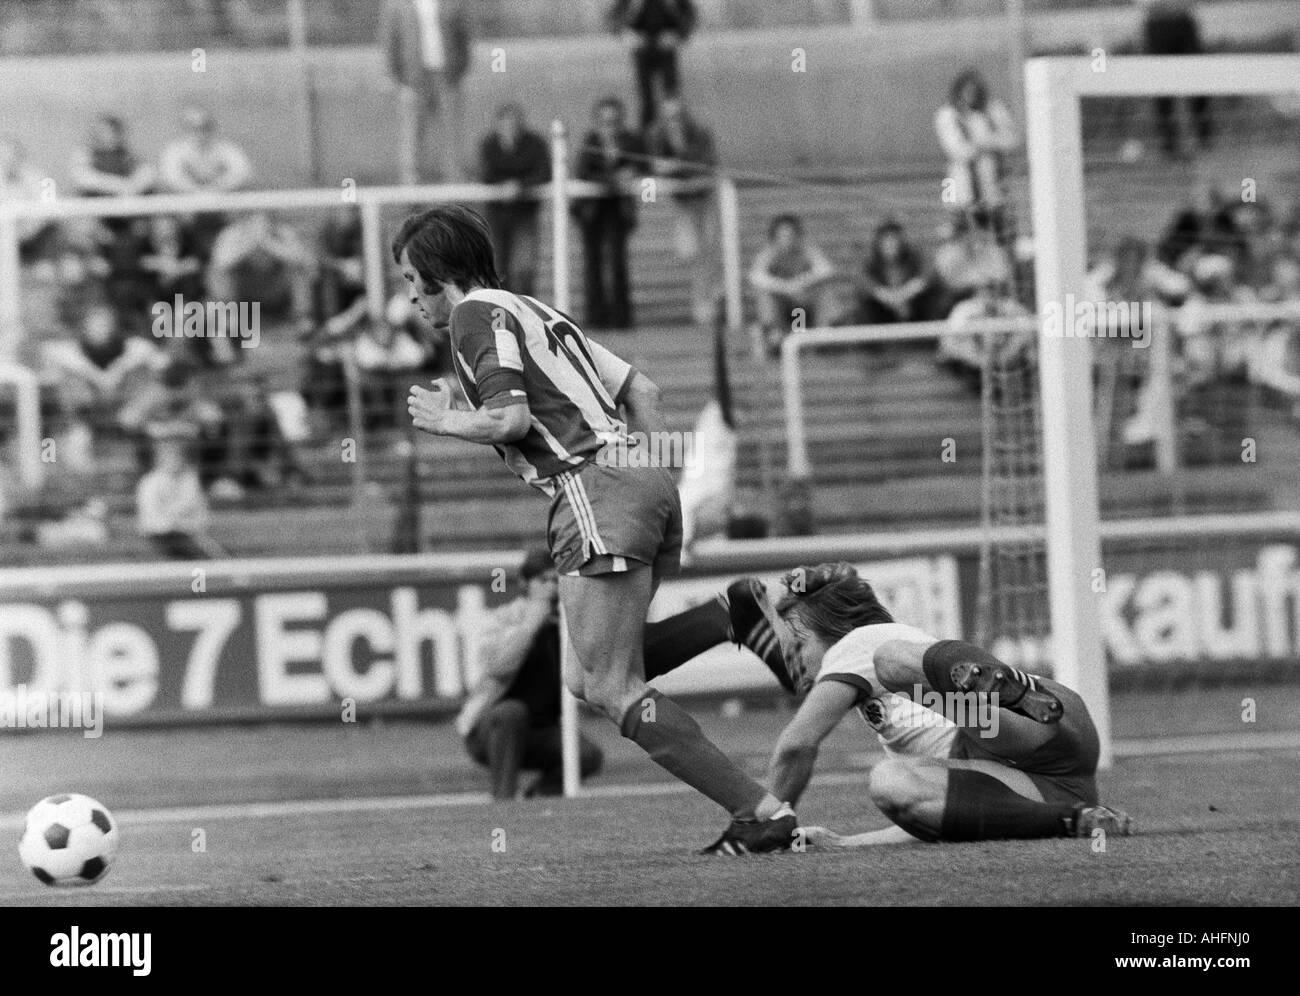 football, Bundesliga, 1971/1972, Rot-Weiss Oberhausen versus Hertha BSC Berlin 5:2, Niederrhein Stadium in Oberhausen, scene of the match, duel between Lorenz Horr (Berlin) left and an Oberhausen player - Stock Image